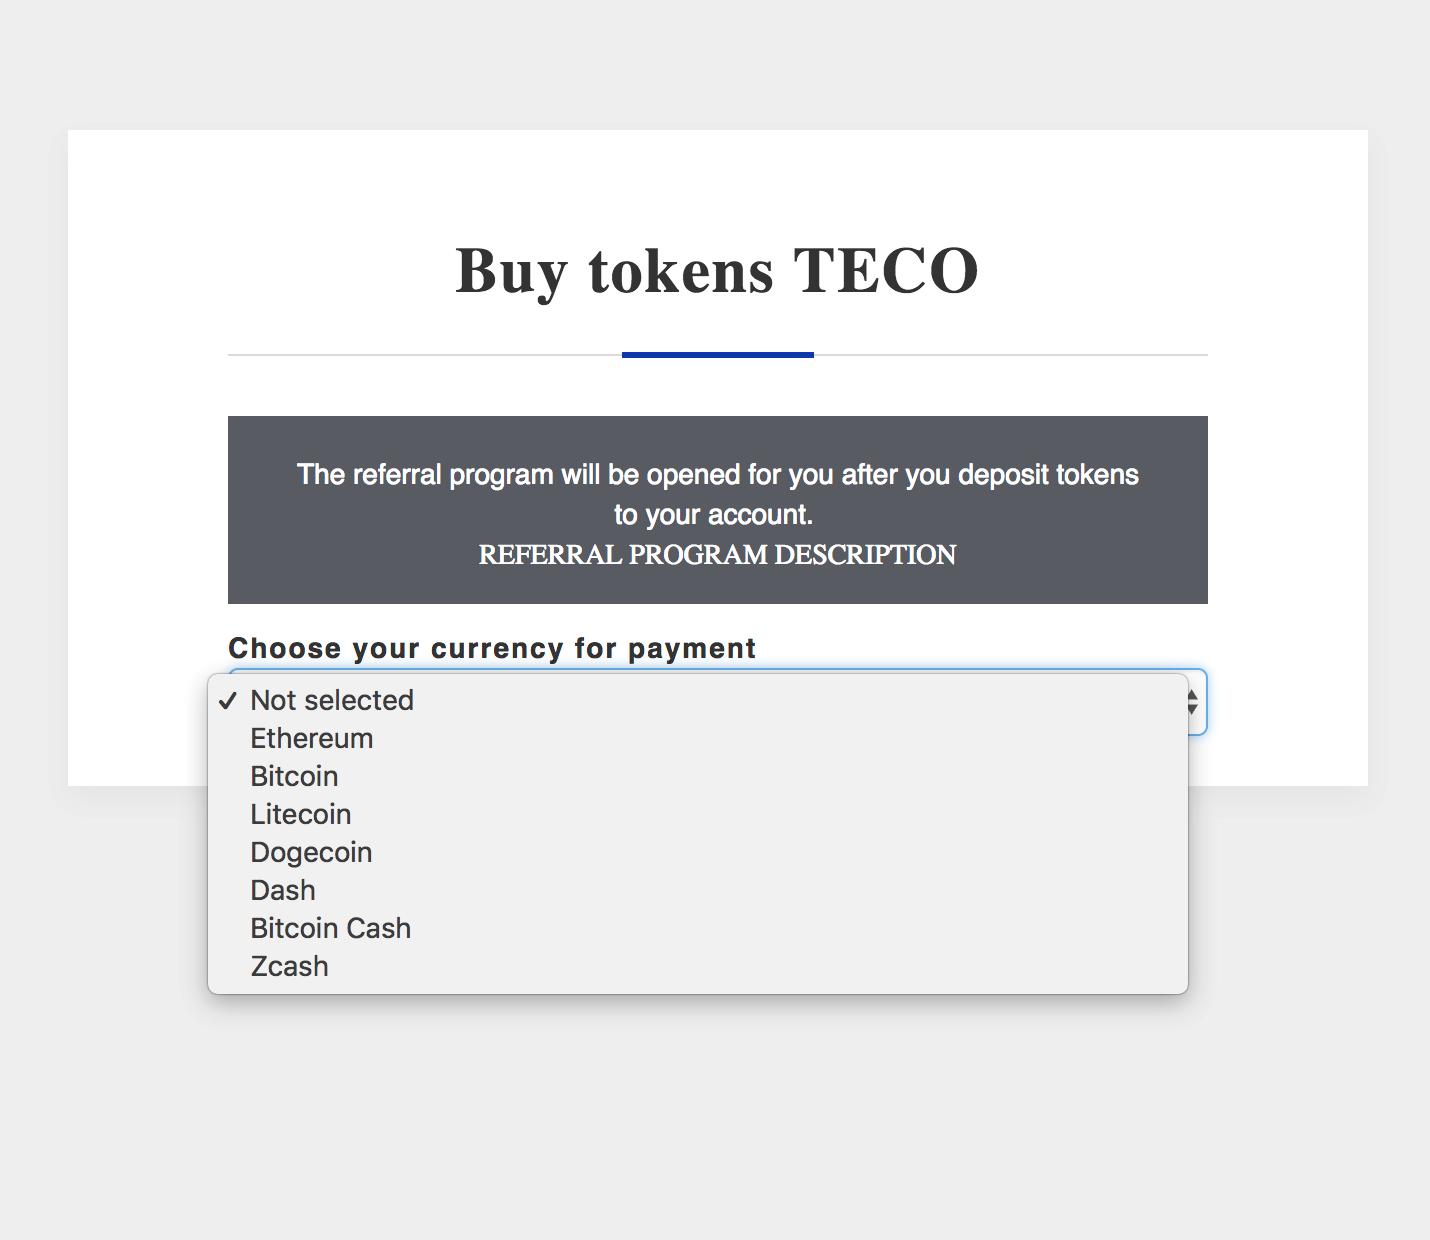 Ayrıca ico-tyreco adresinde bulunan yatırımcının kişisel hesabında satın alarak TECO tokenlerin sahibi olabilirsiniz